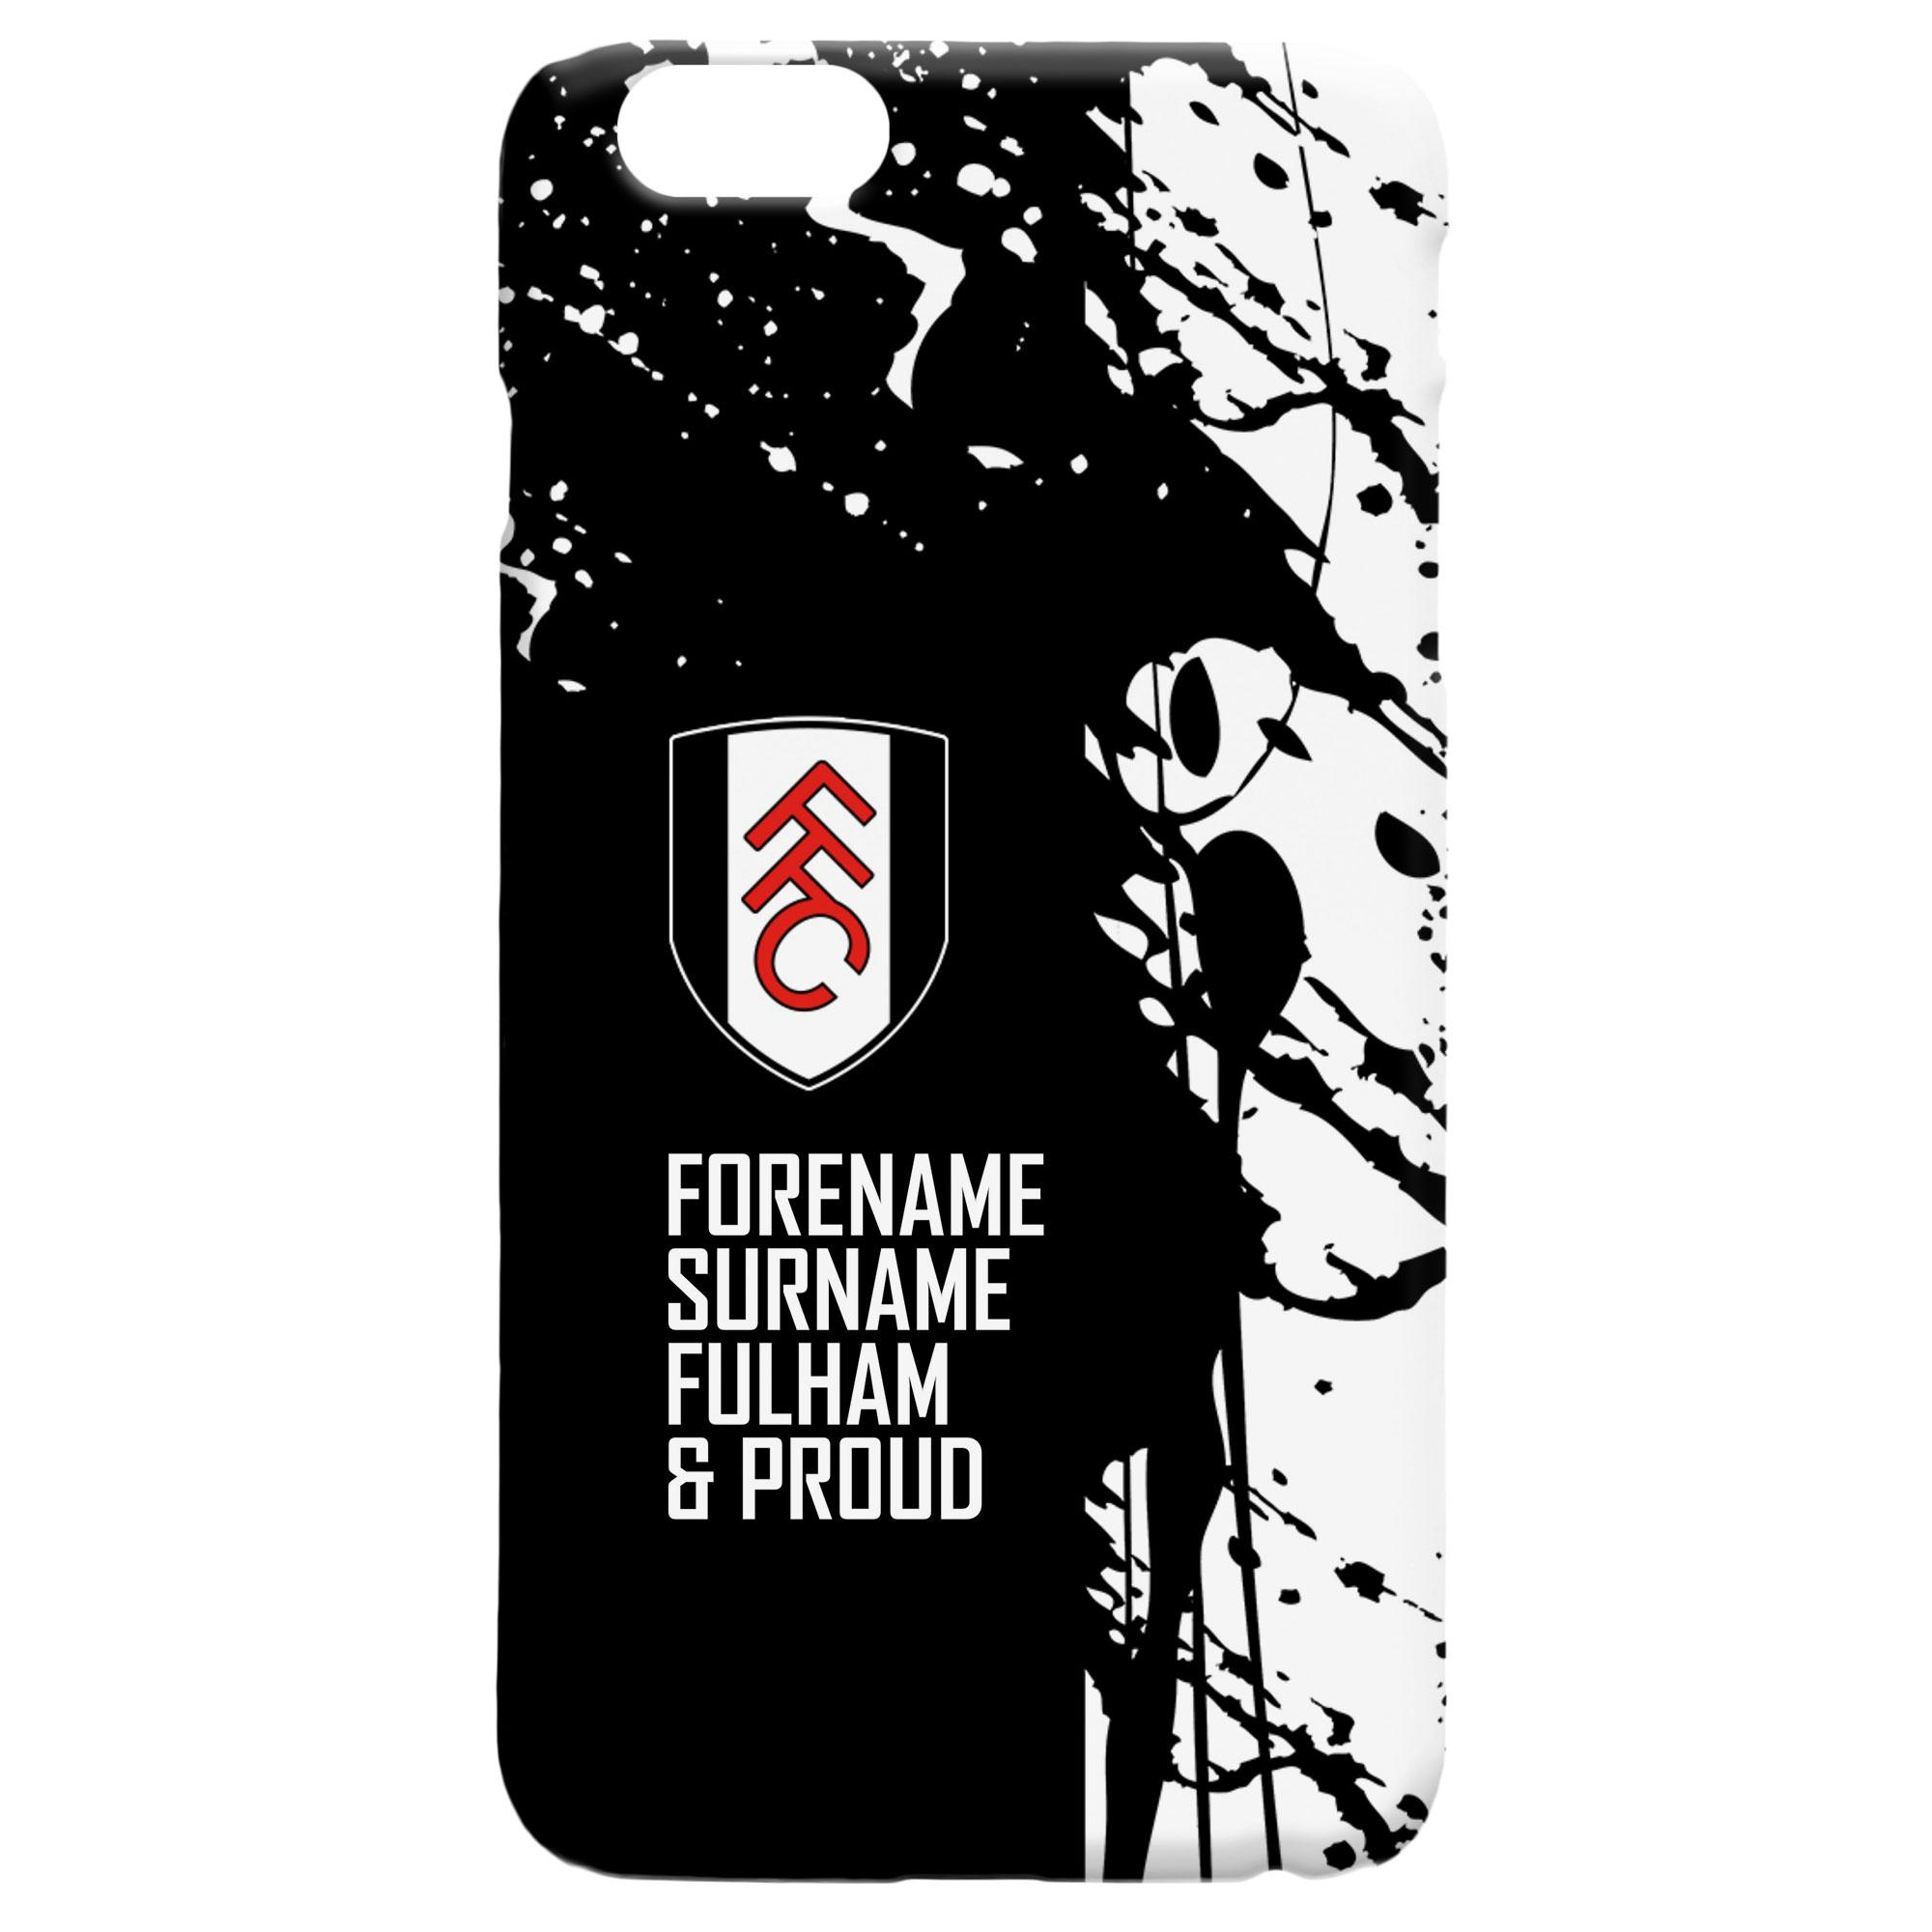 Fulham FC Proud Hard Back Phone Case